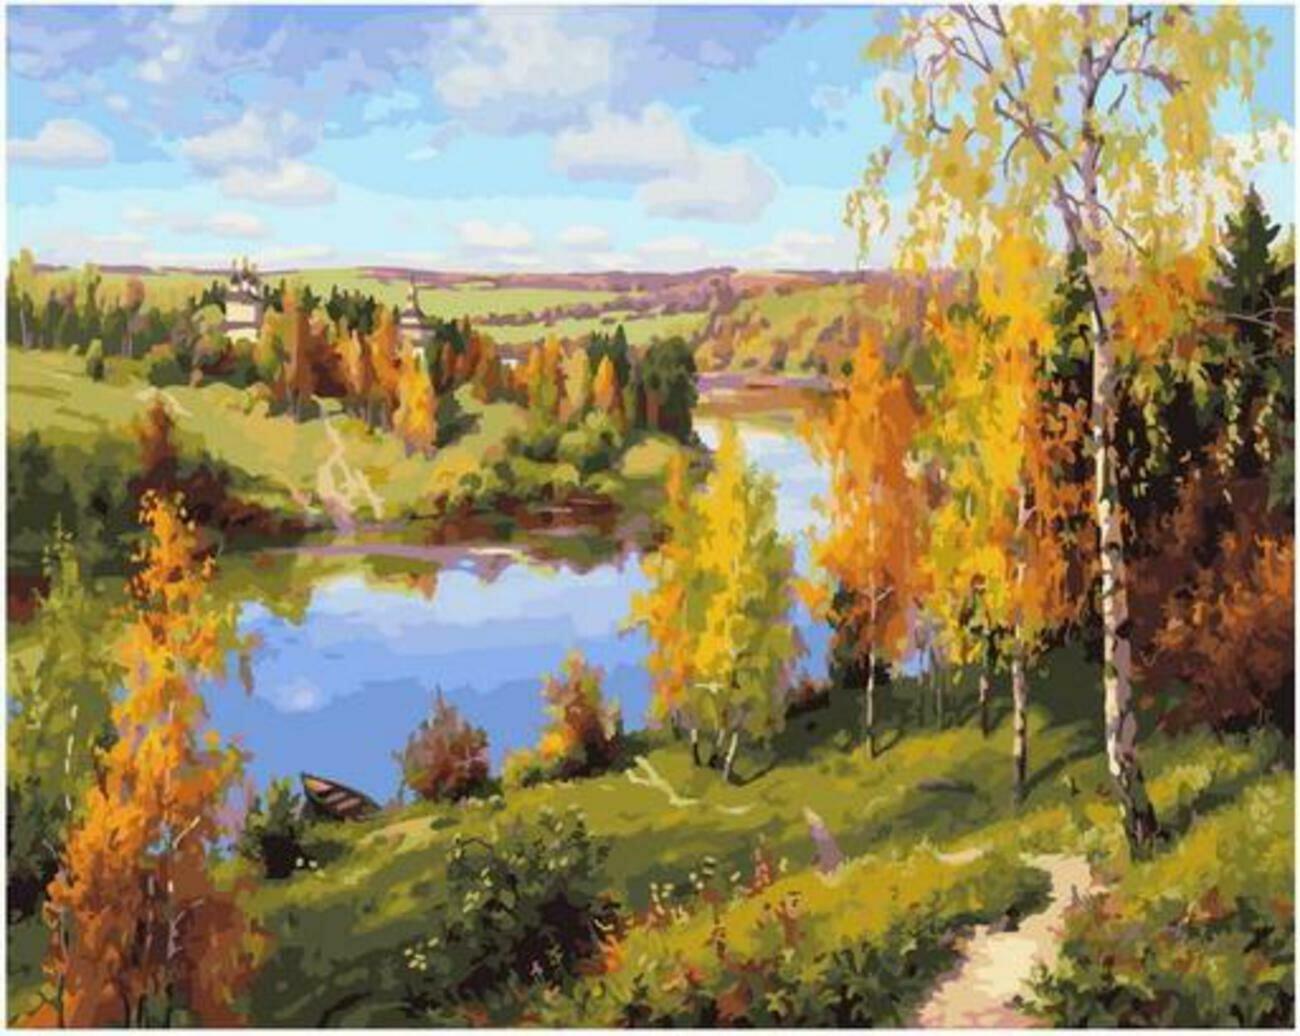 Картина по номерам Paintboy Original PK 90014 Осень. Глубинка (Прищепа Игорь) 40x50см